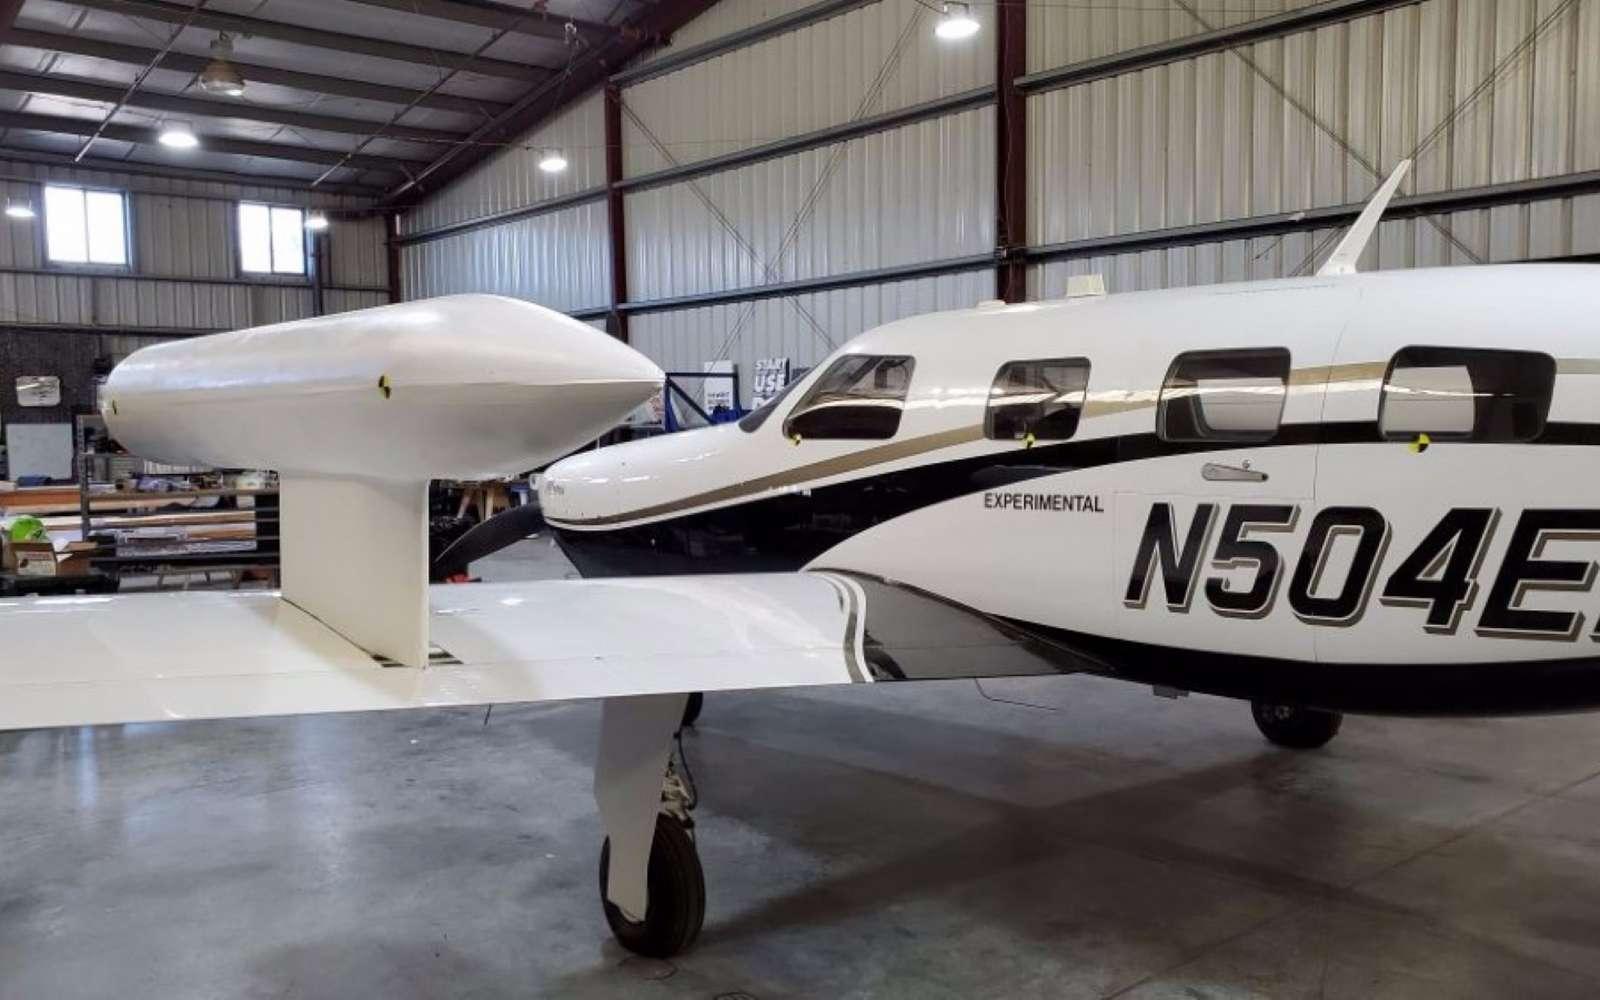 Le réservoir d'hydrogène liquide est placé sur l'aile de l'avion expérimental. © ZeroAvia